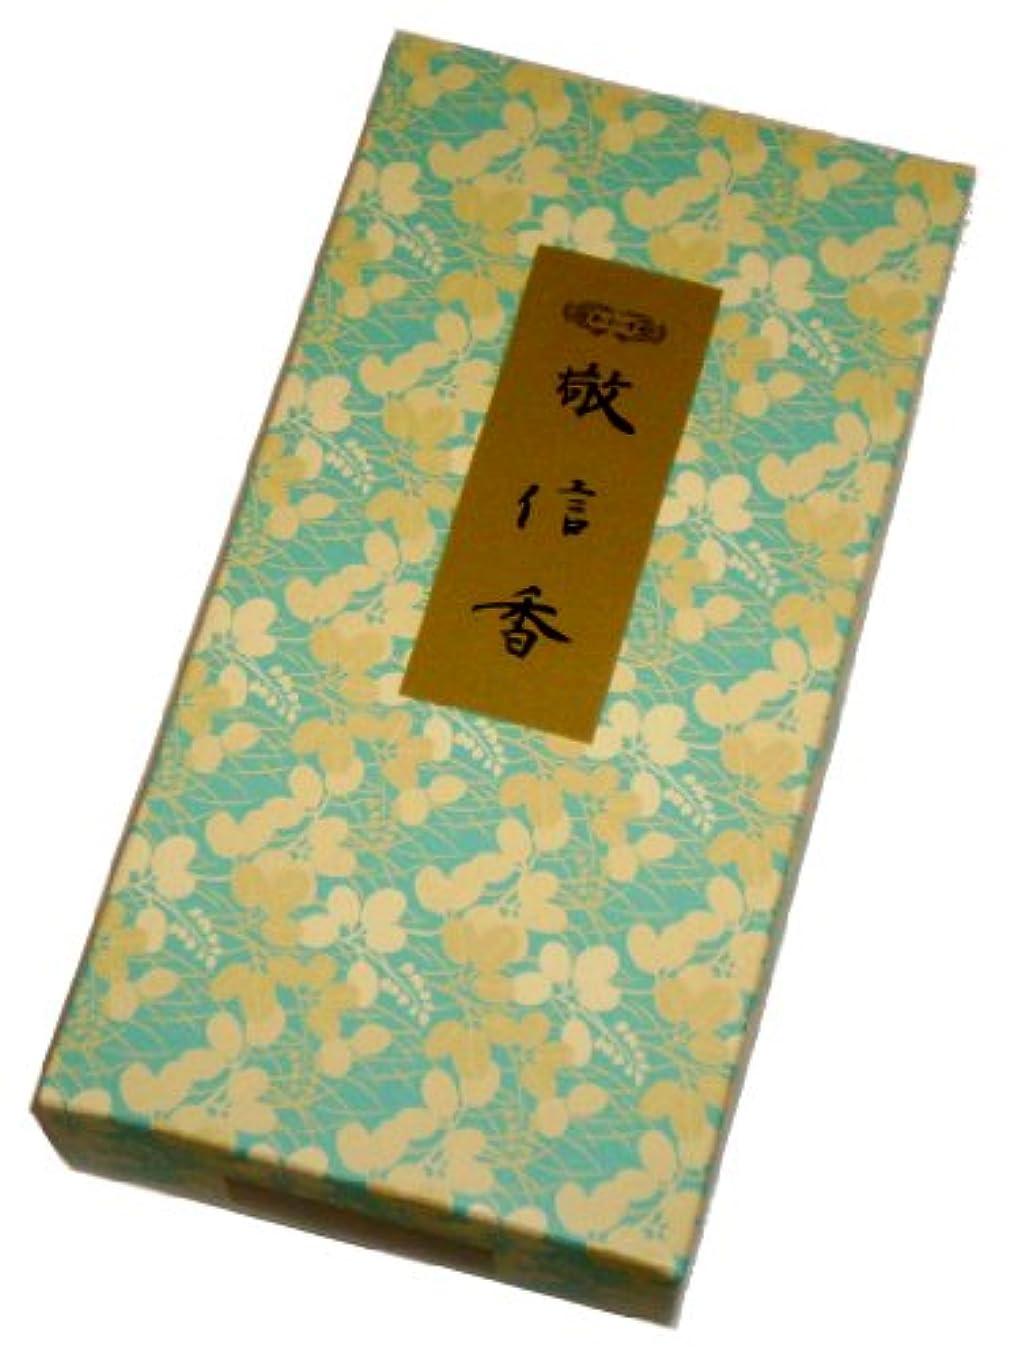 風変わりな死んでいる揃える玉初堂のお香 敬信香 500g #701